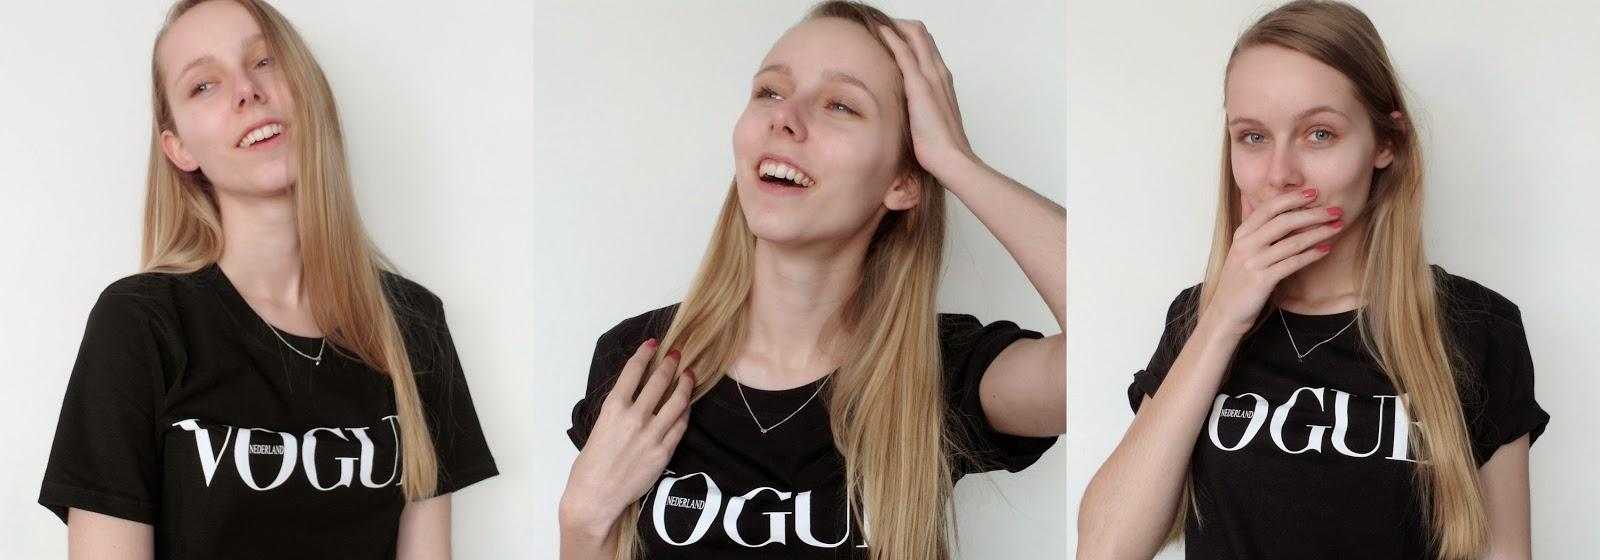 Zwart Vogue shirt nederland 2015